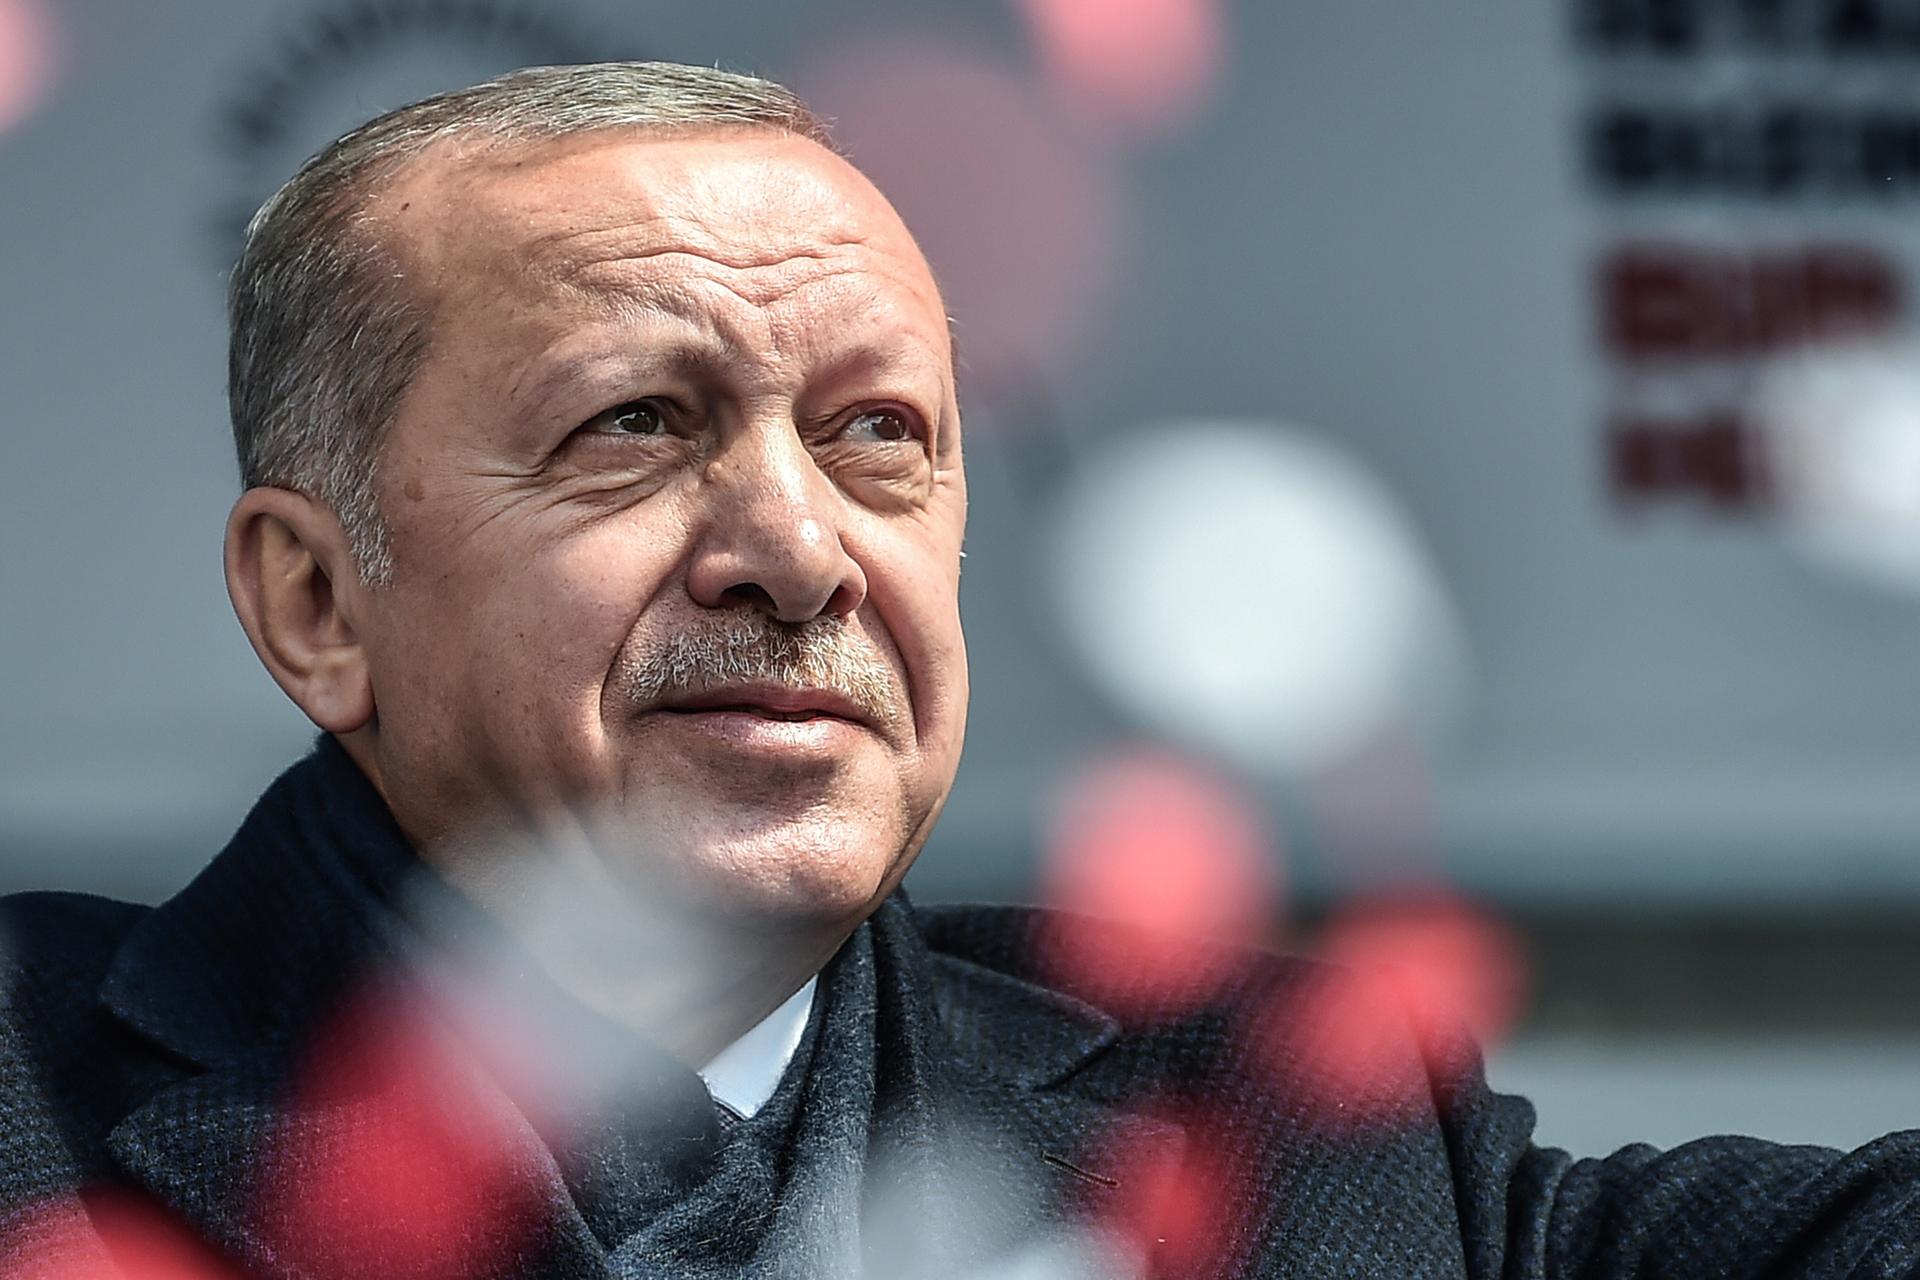 Mathias Findalen i RÆSONs trykte magasin: Overlever Erdoğans ideologiske projekt næste præsidentvalg?